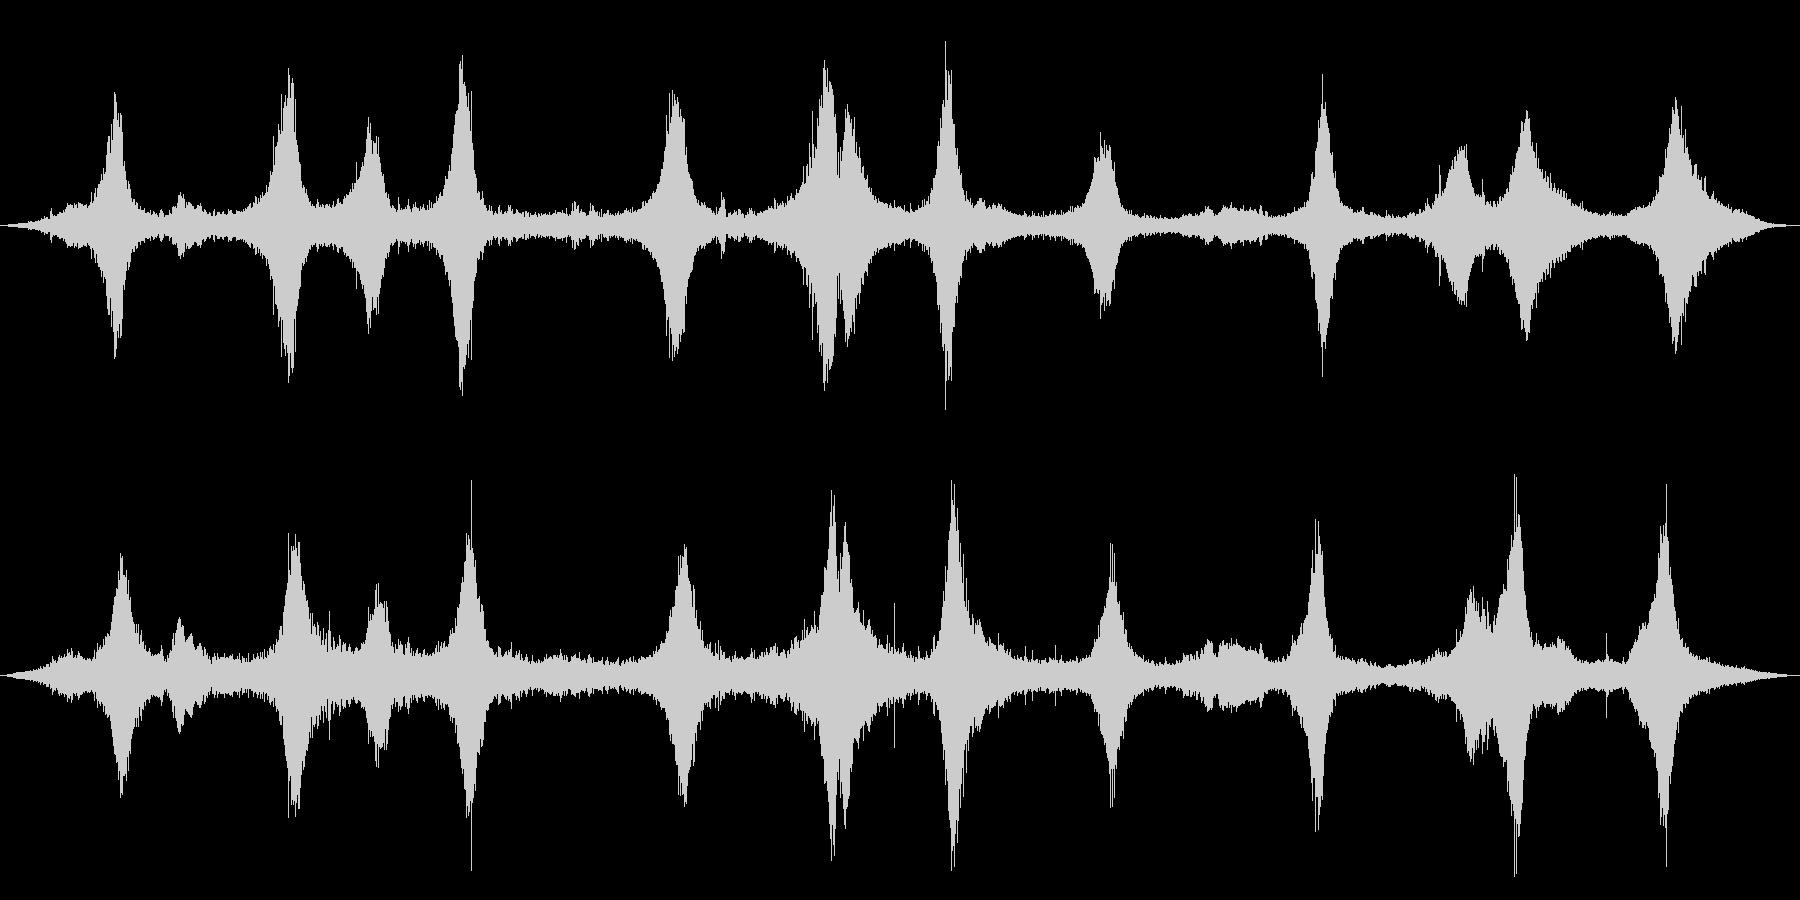 ツーレーンシティストリート:Wet...の未再生の波形